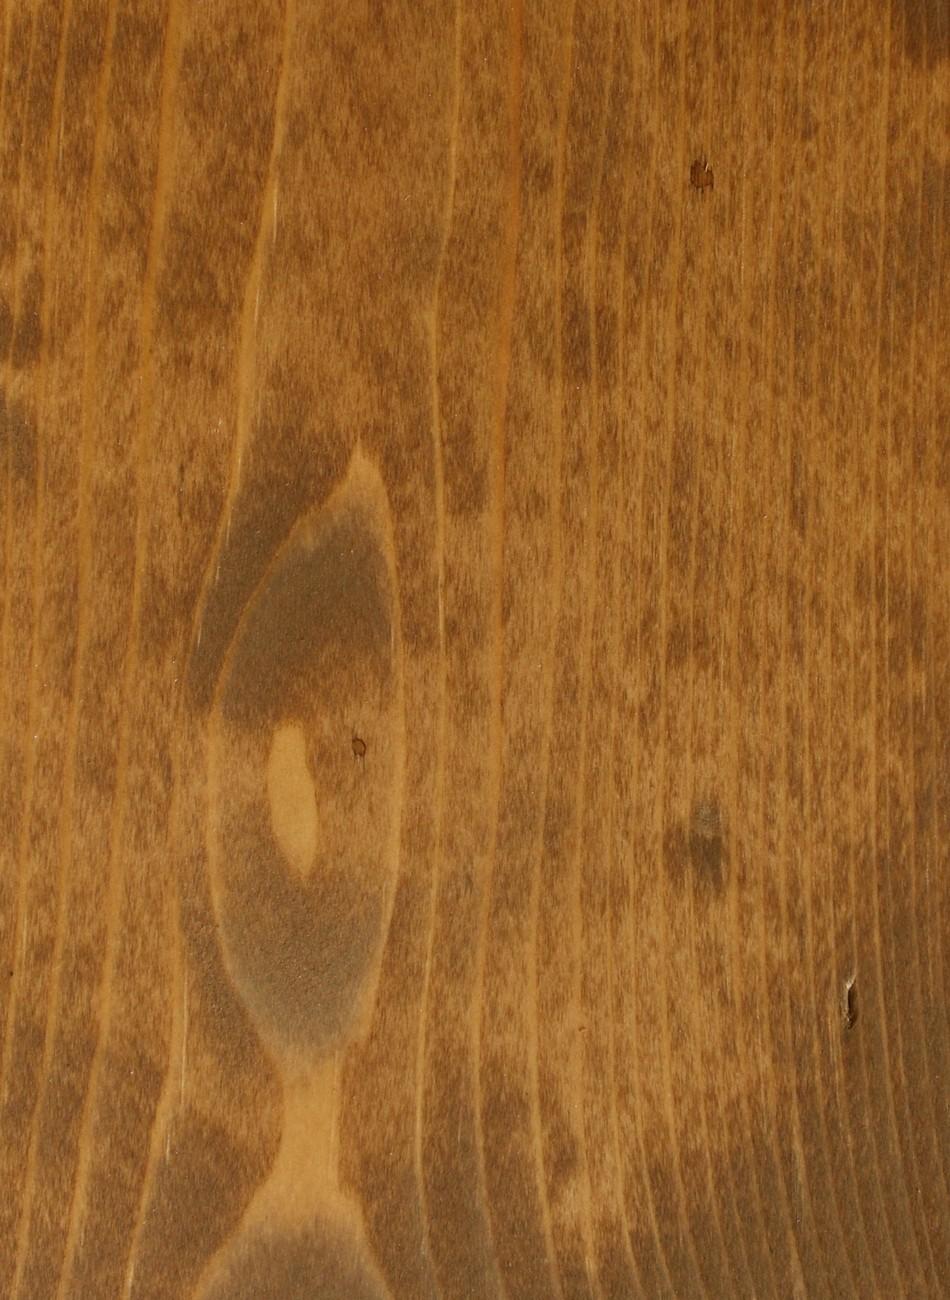 I colori dellimpregnatura  Coperture in legno lamellare